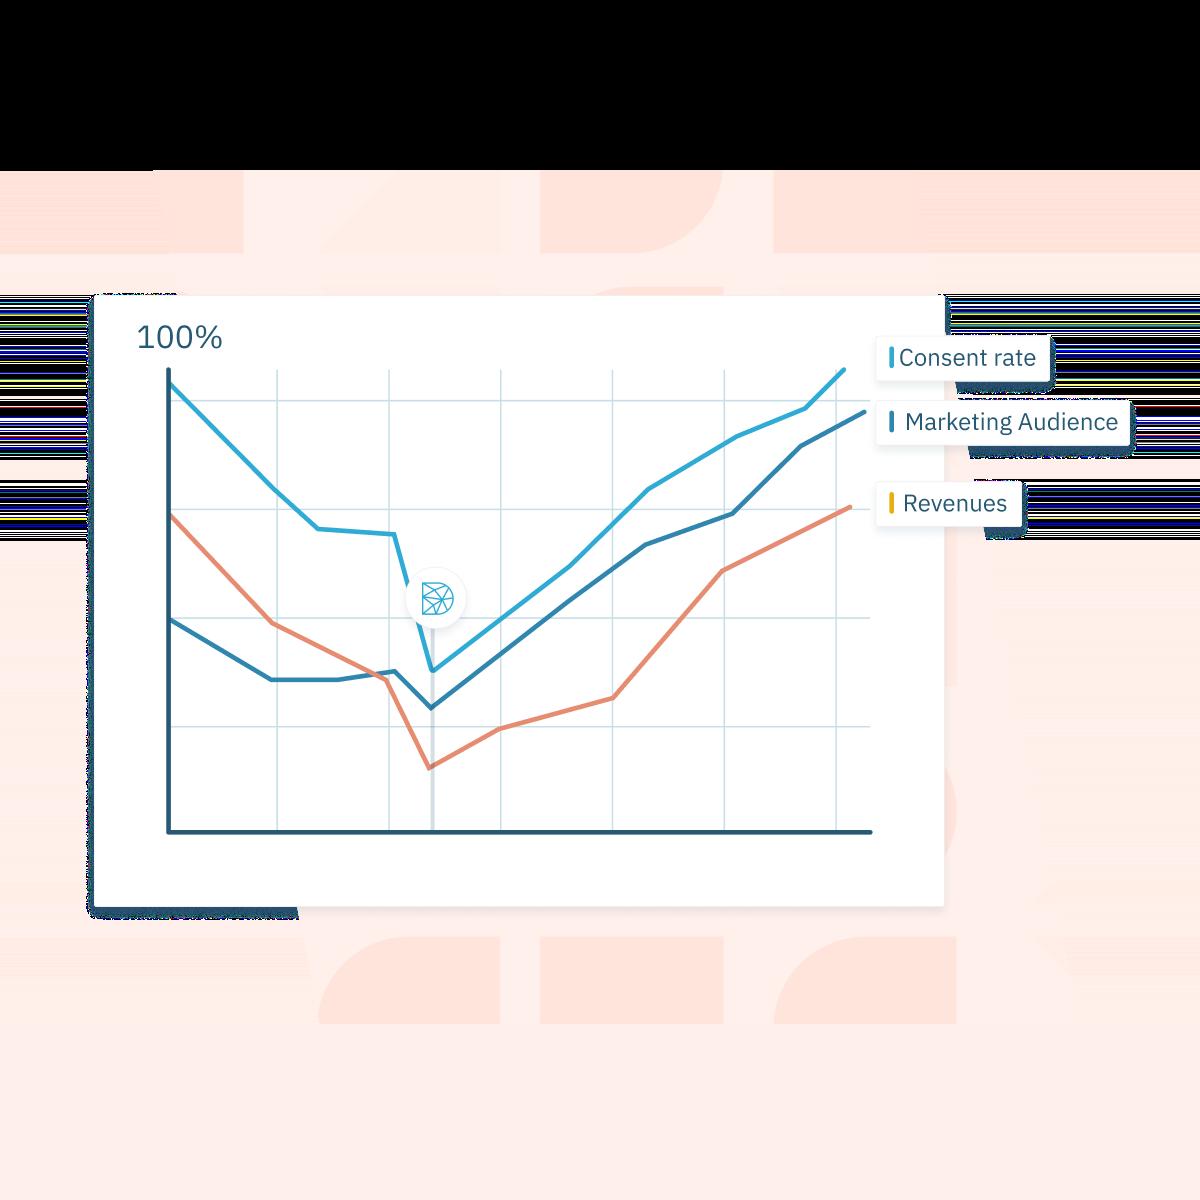 Illustration d'une amélioration de la performance marketing grâce à la gestion du consentement